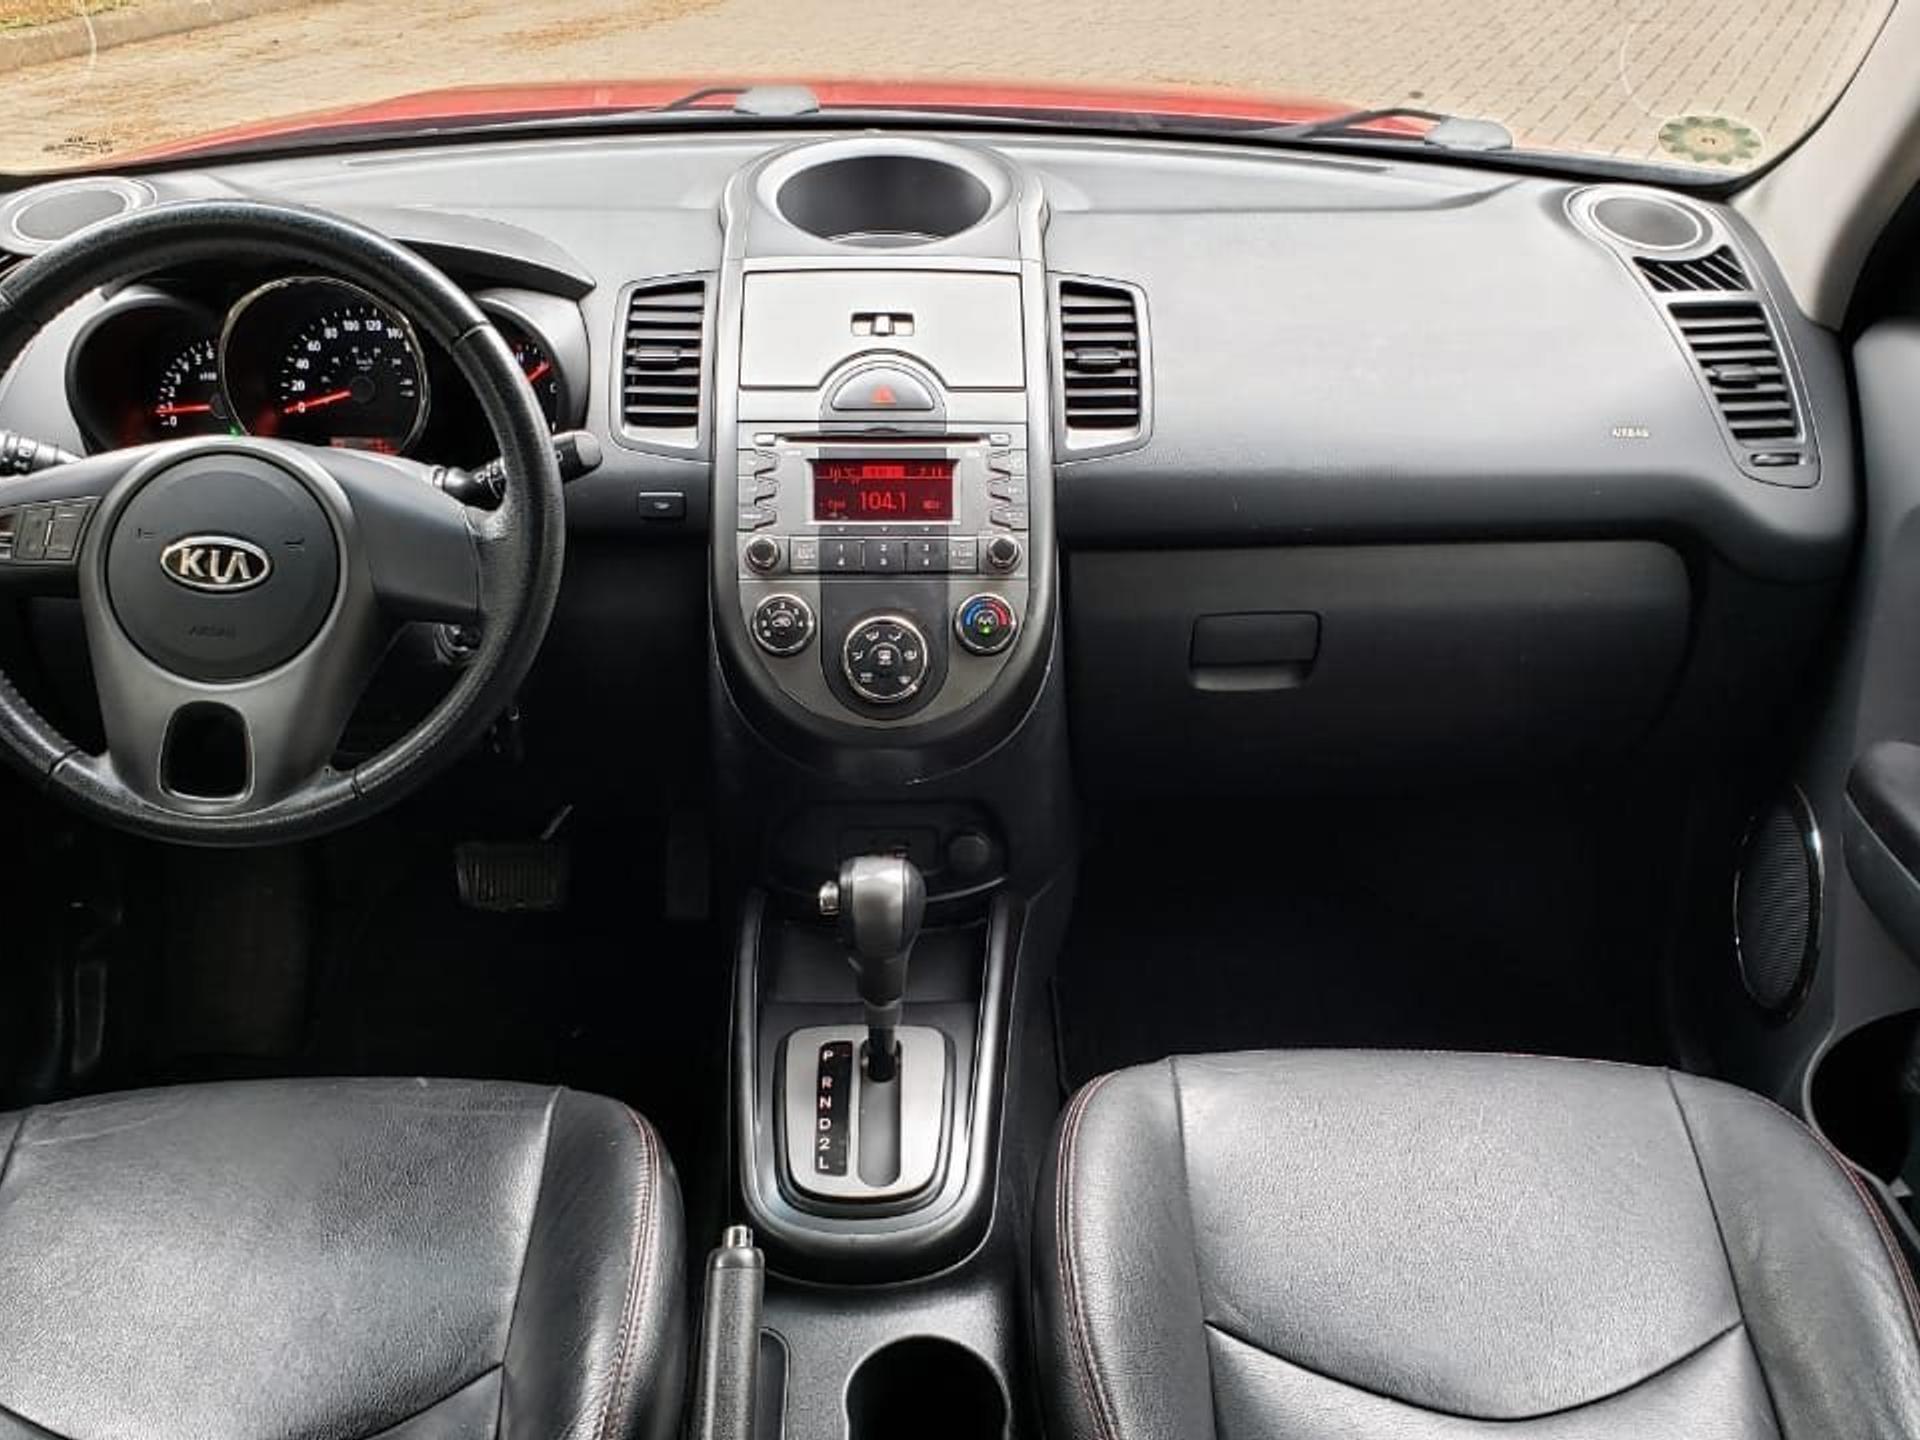 Kia Soul 1.6 Ex 16v Gasolina 4p Automatico Wmimagem17493203773